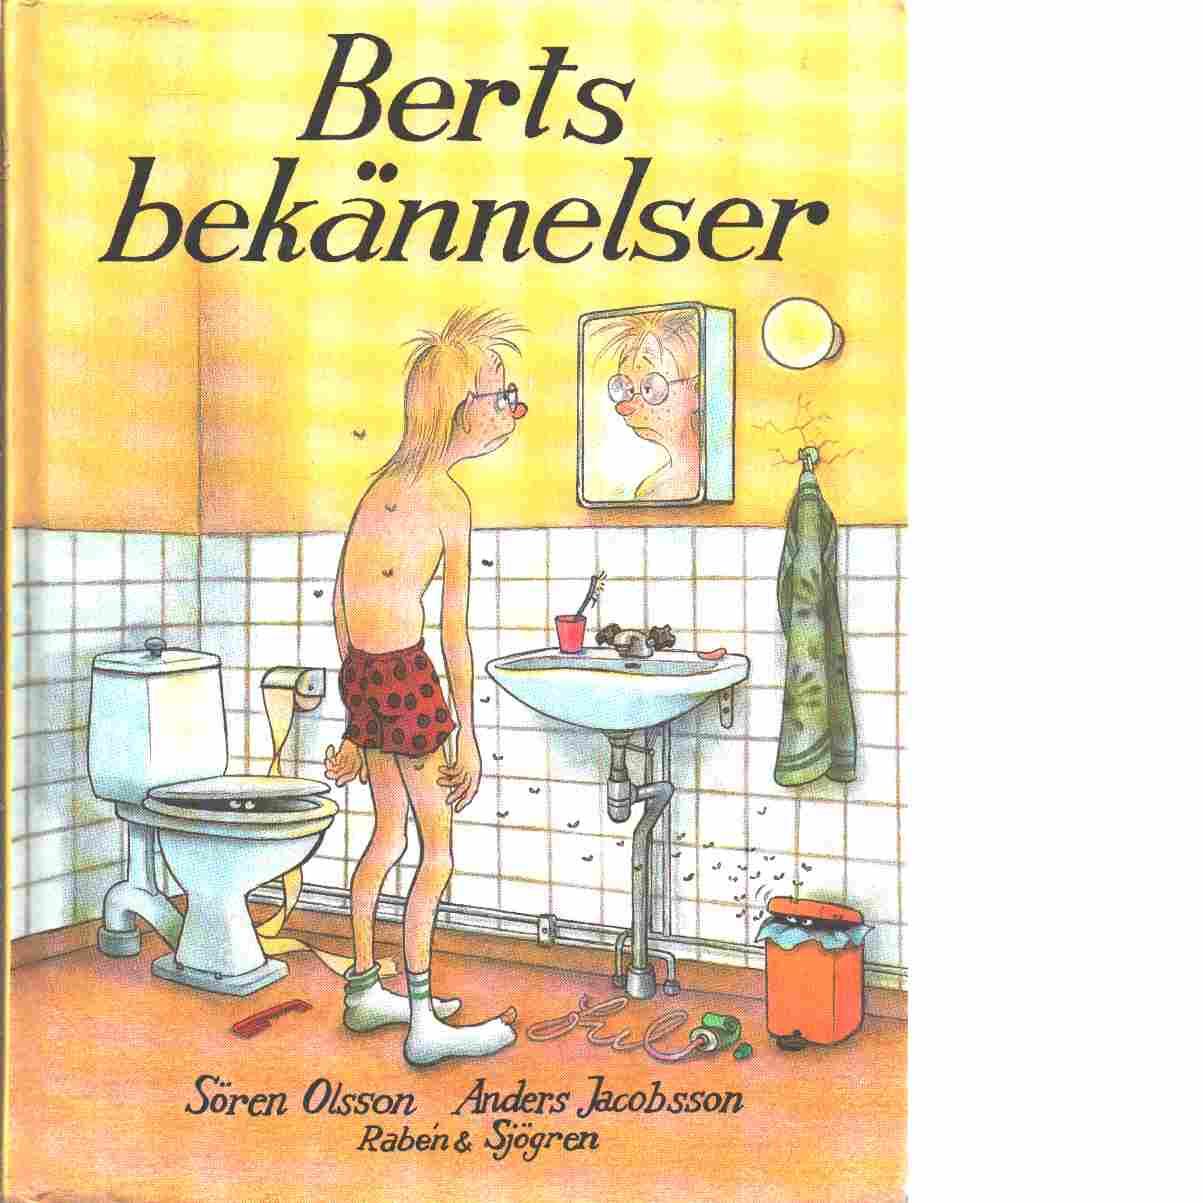 Berts bekännelser - Olsson, Sören och Jacobsson, Anders